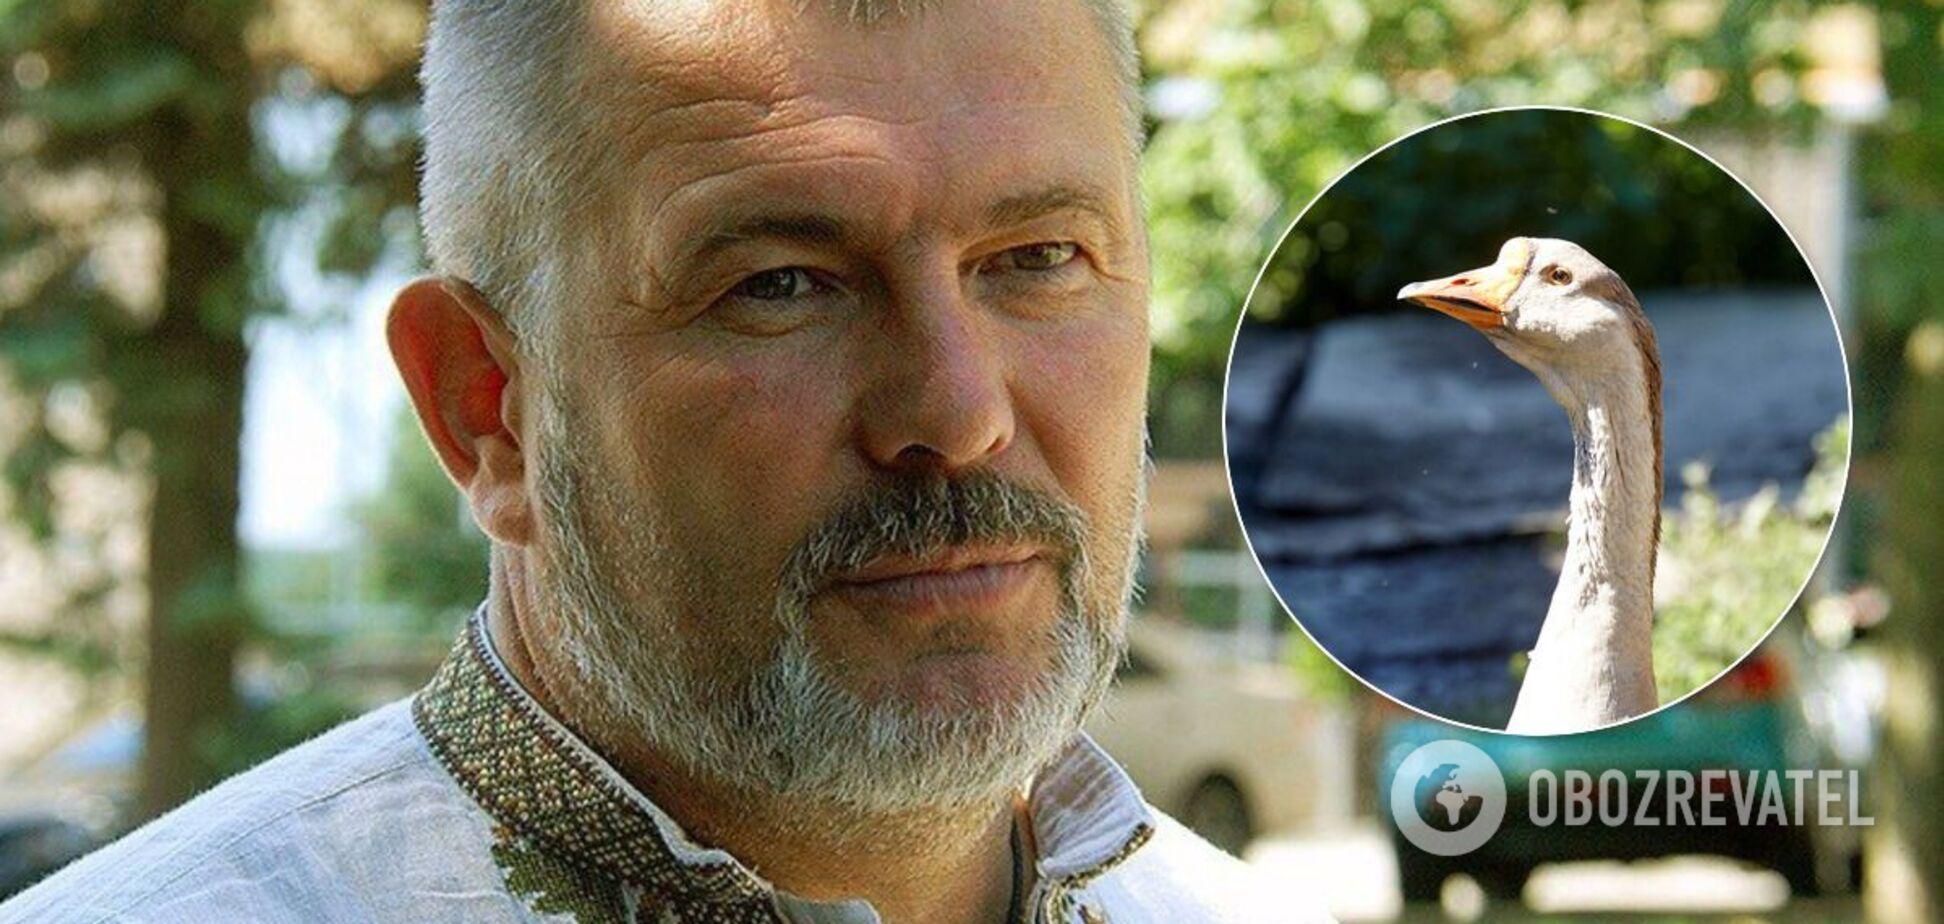 На Днепропетровщине экс-нардепа Березу избили из-за гусей